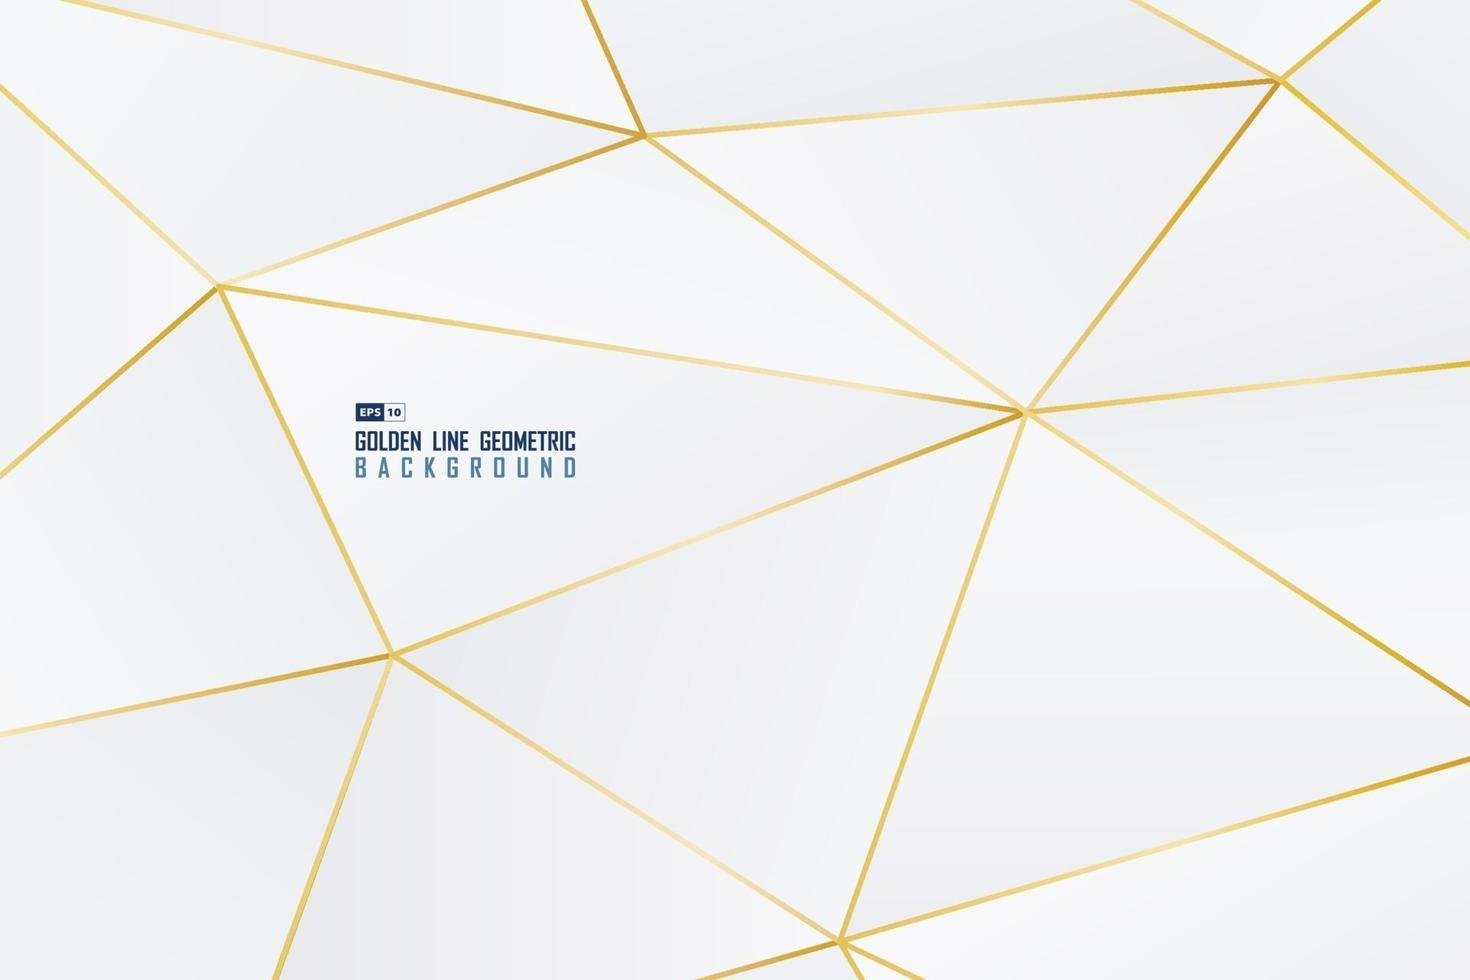 linea dorata astratta decorativa di forma geometrica con sfondo bianco sfumato. illustrazione vettoriale